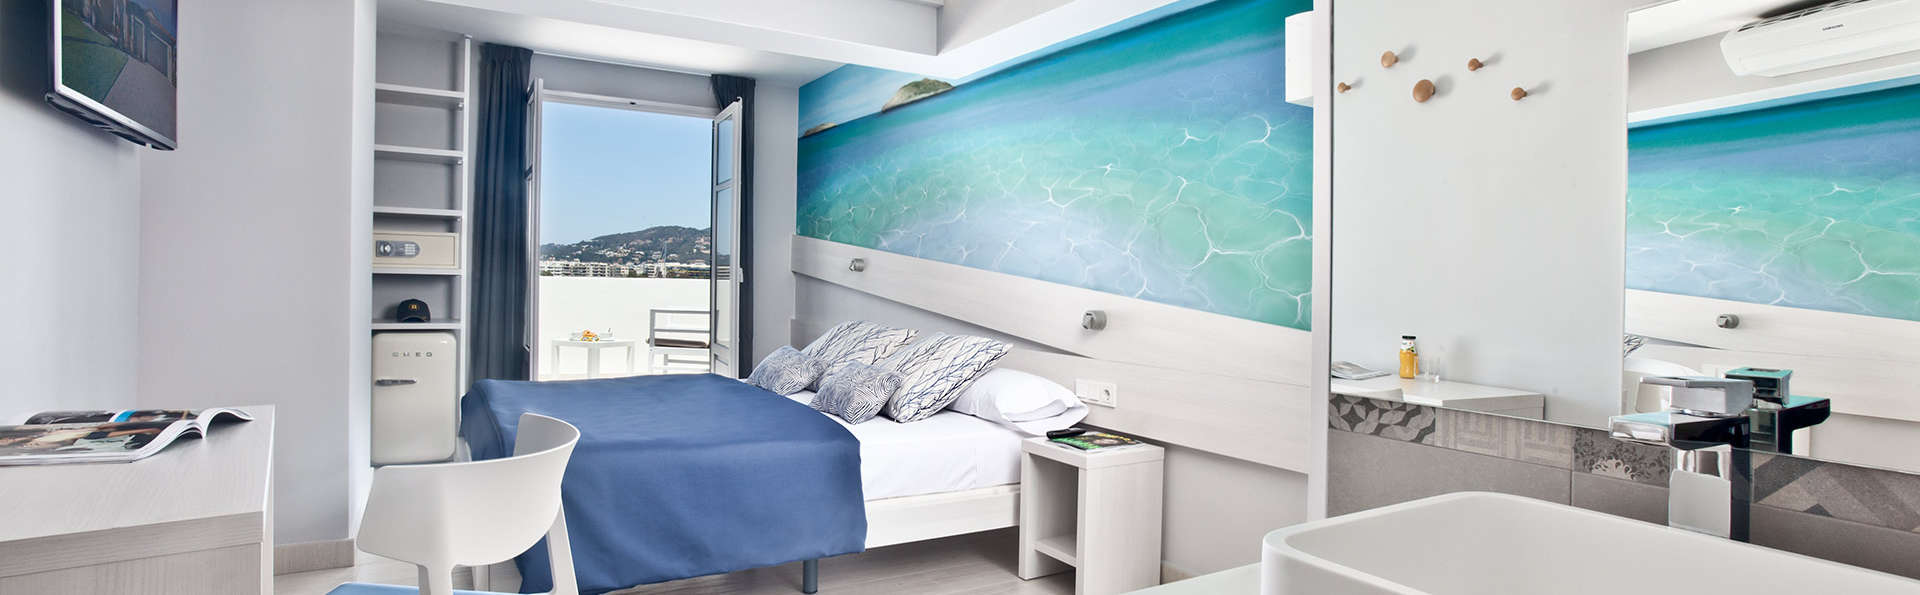 Alójate en ibiza en un hotel de diseño en primera línea de mar